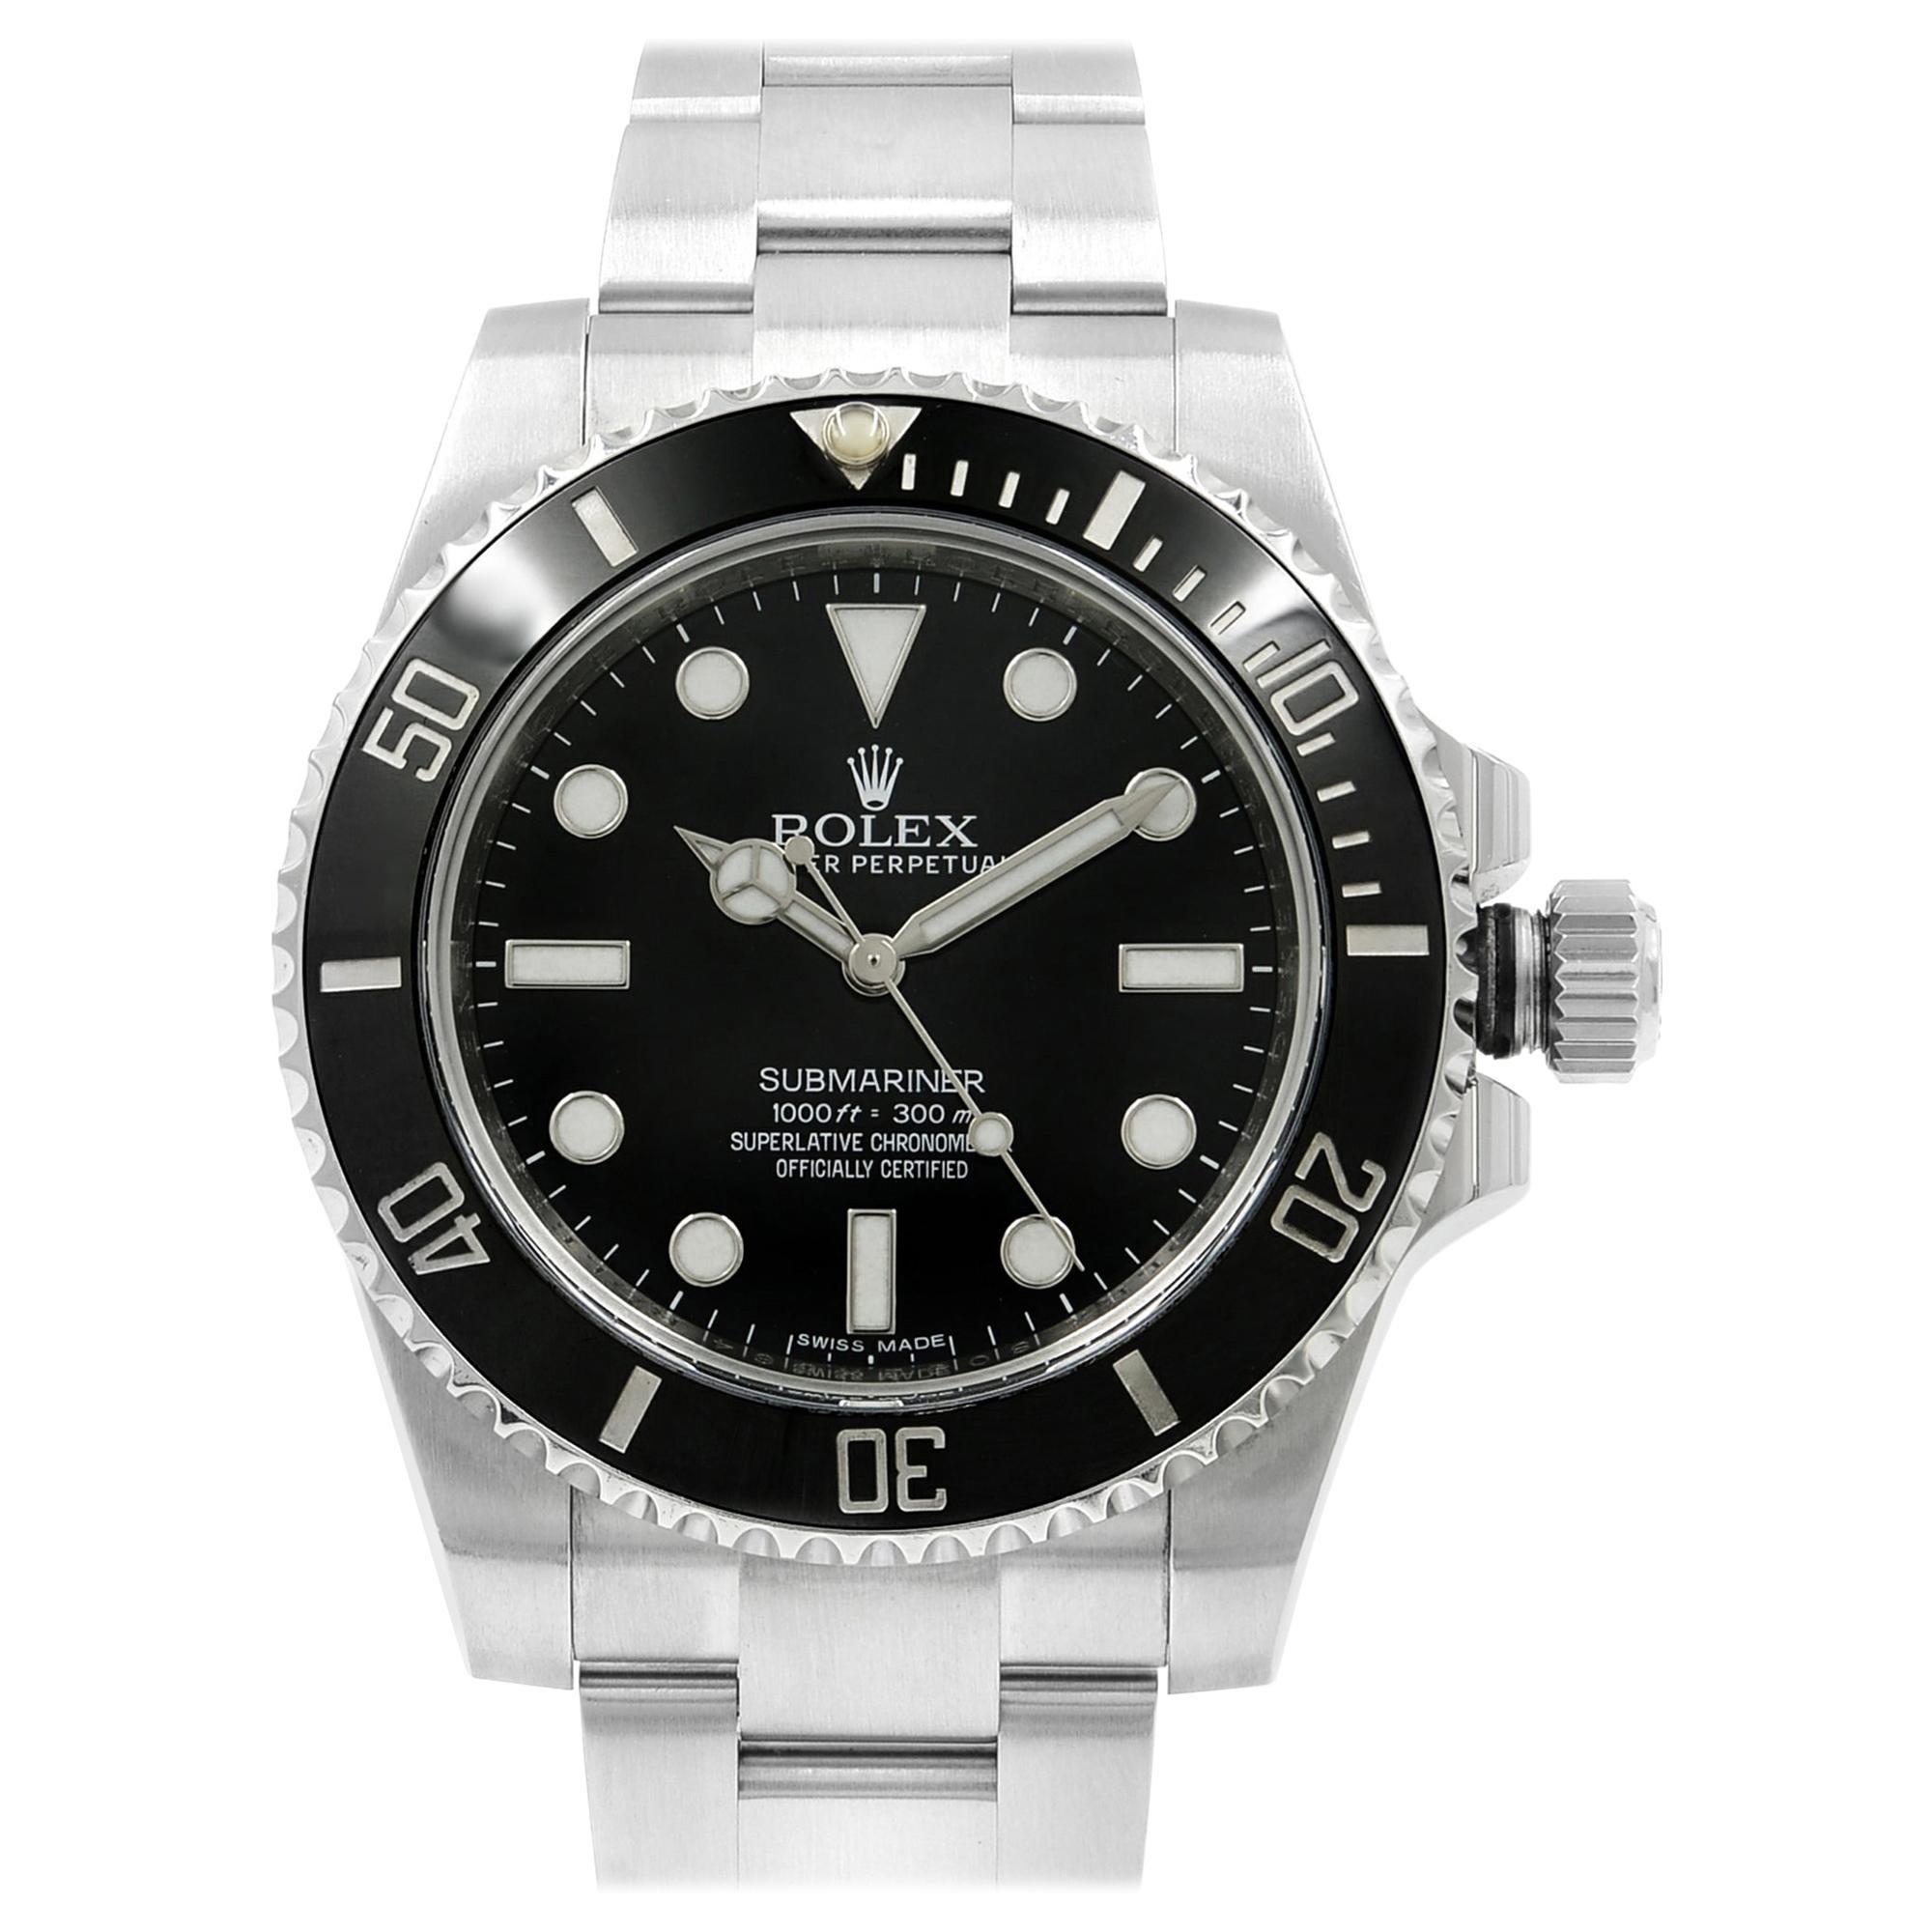 Rolex Submariner Steel Ceramic Black Dial Automatic Men's Watch 114060